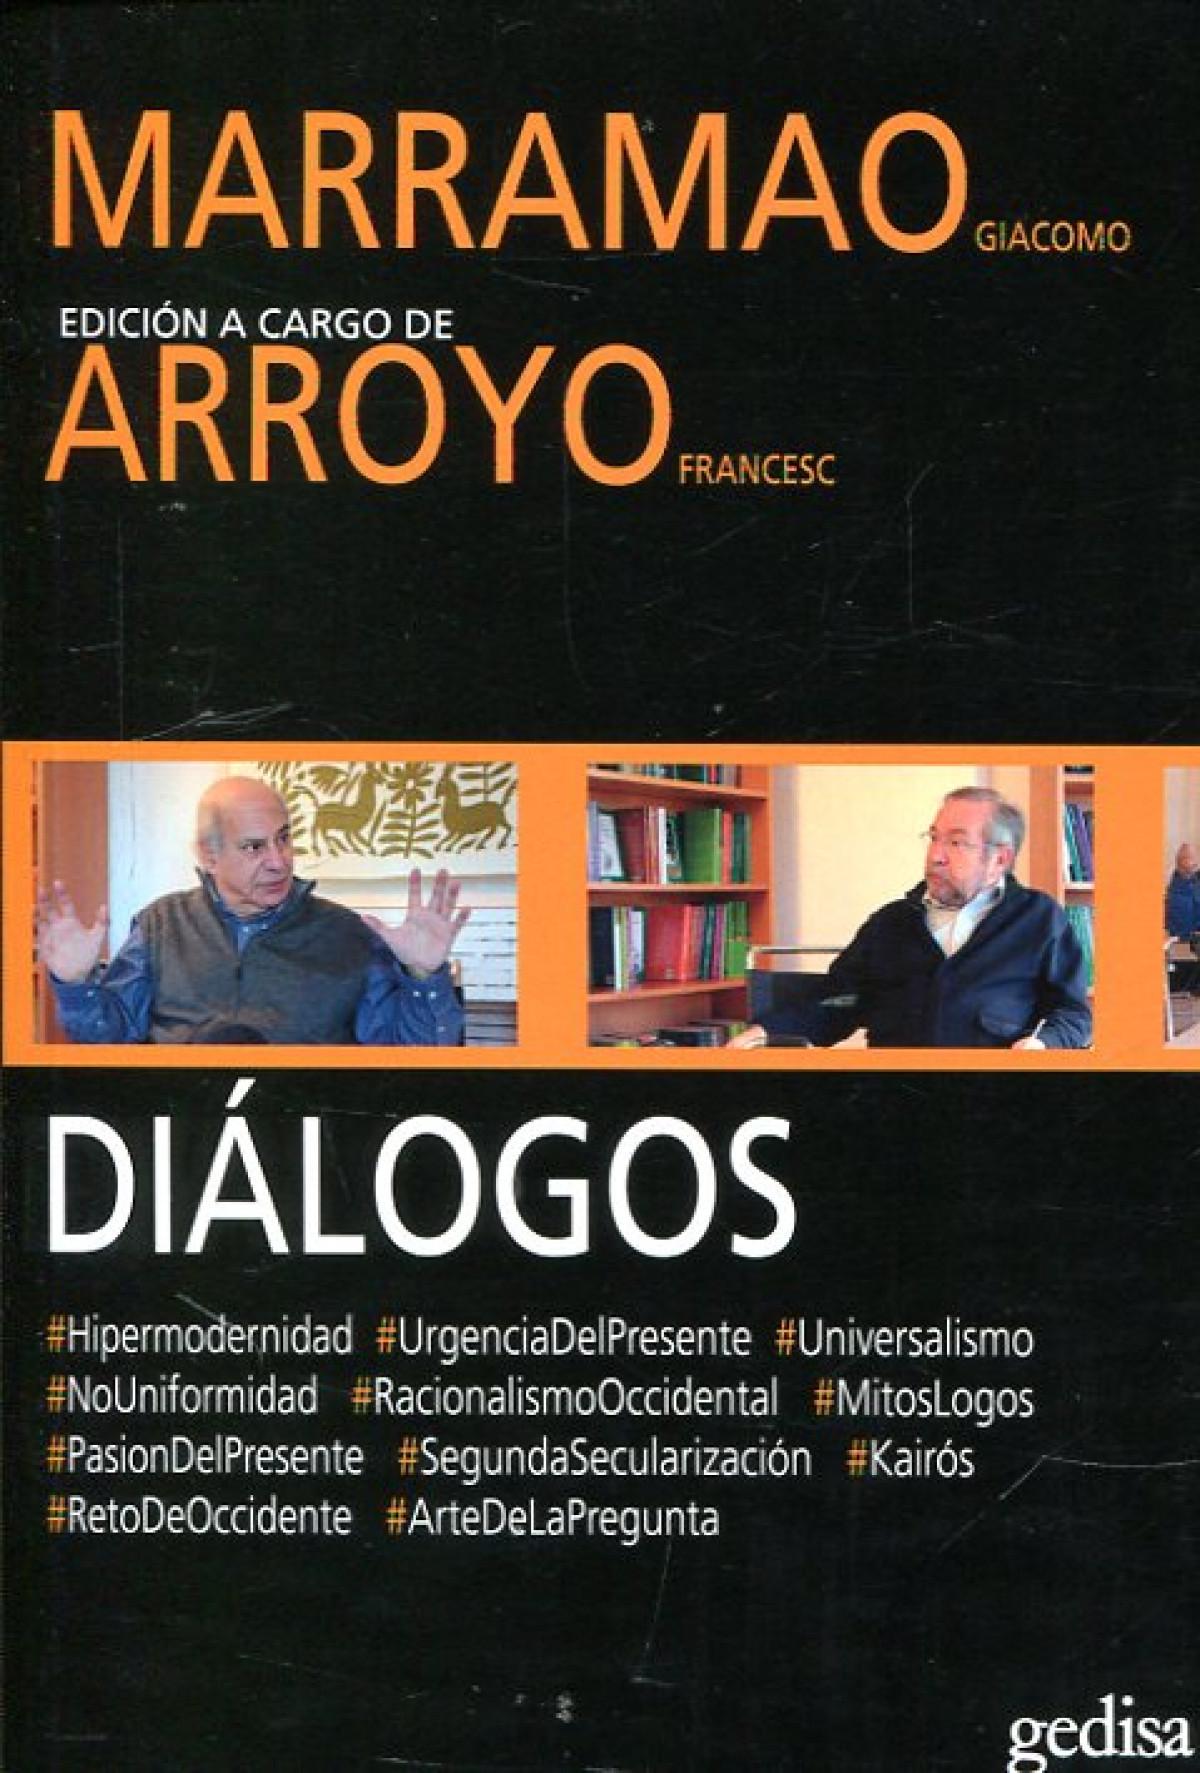 Diu00e1logos Marramao Arroyo